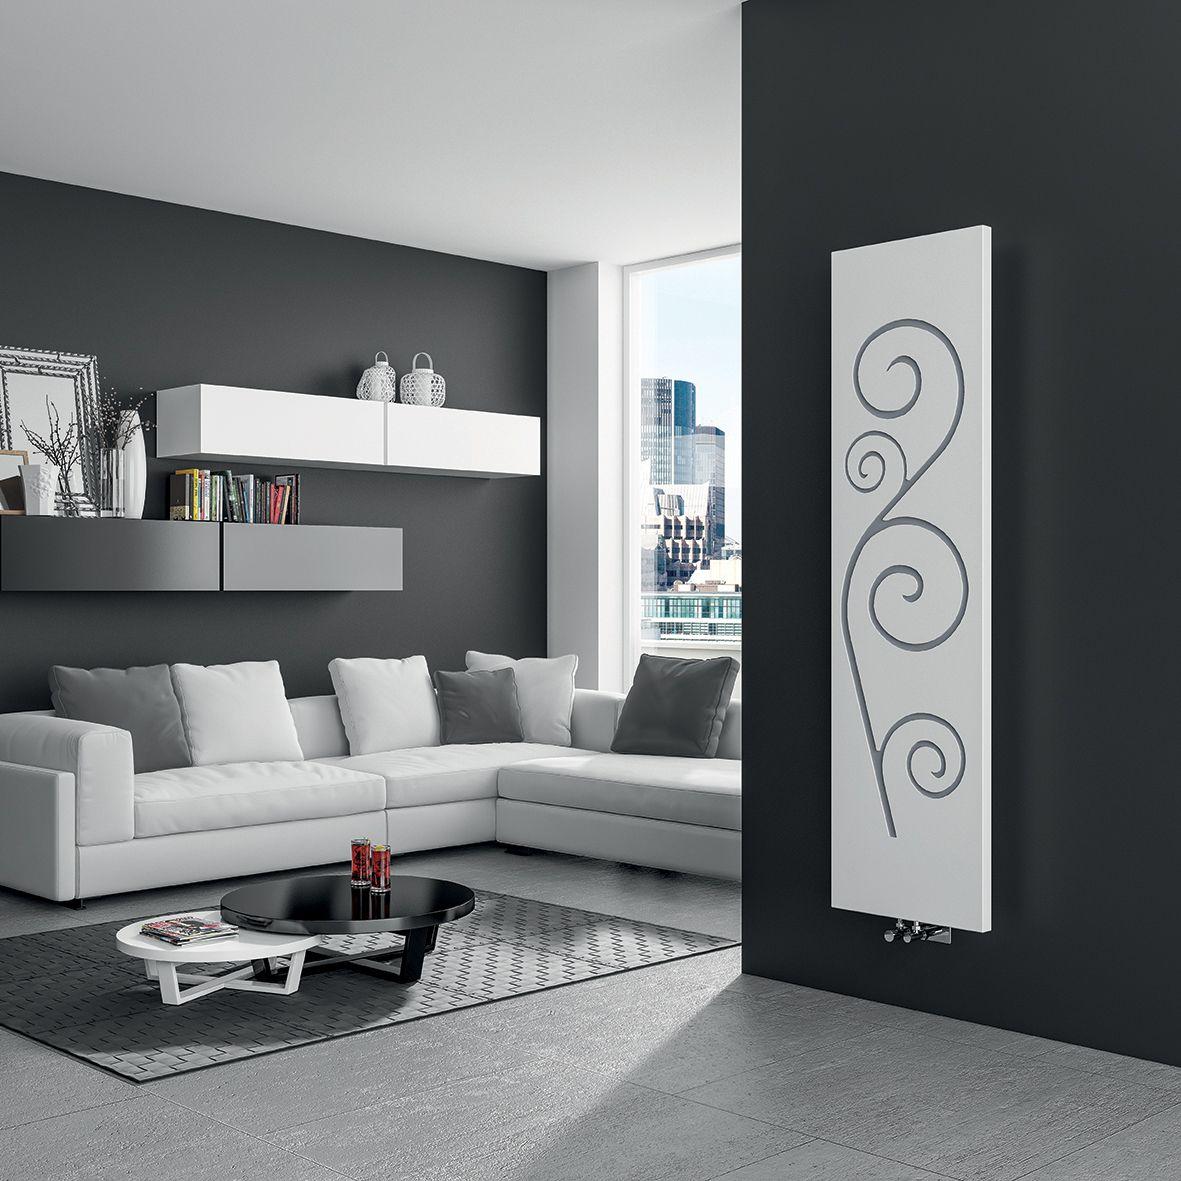 Termoarredo idraulico dal design moderno con cover for Mobili colorati design